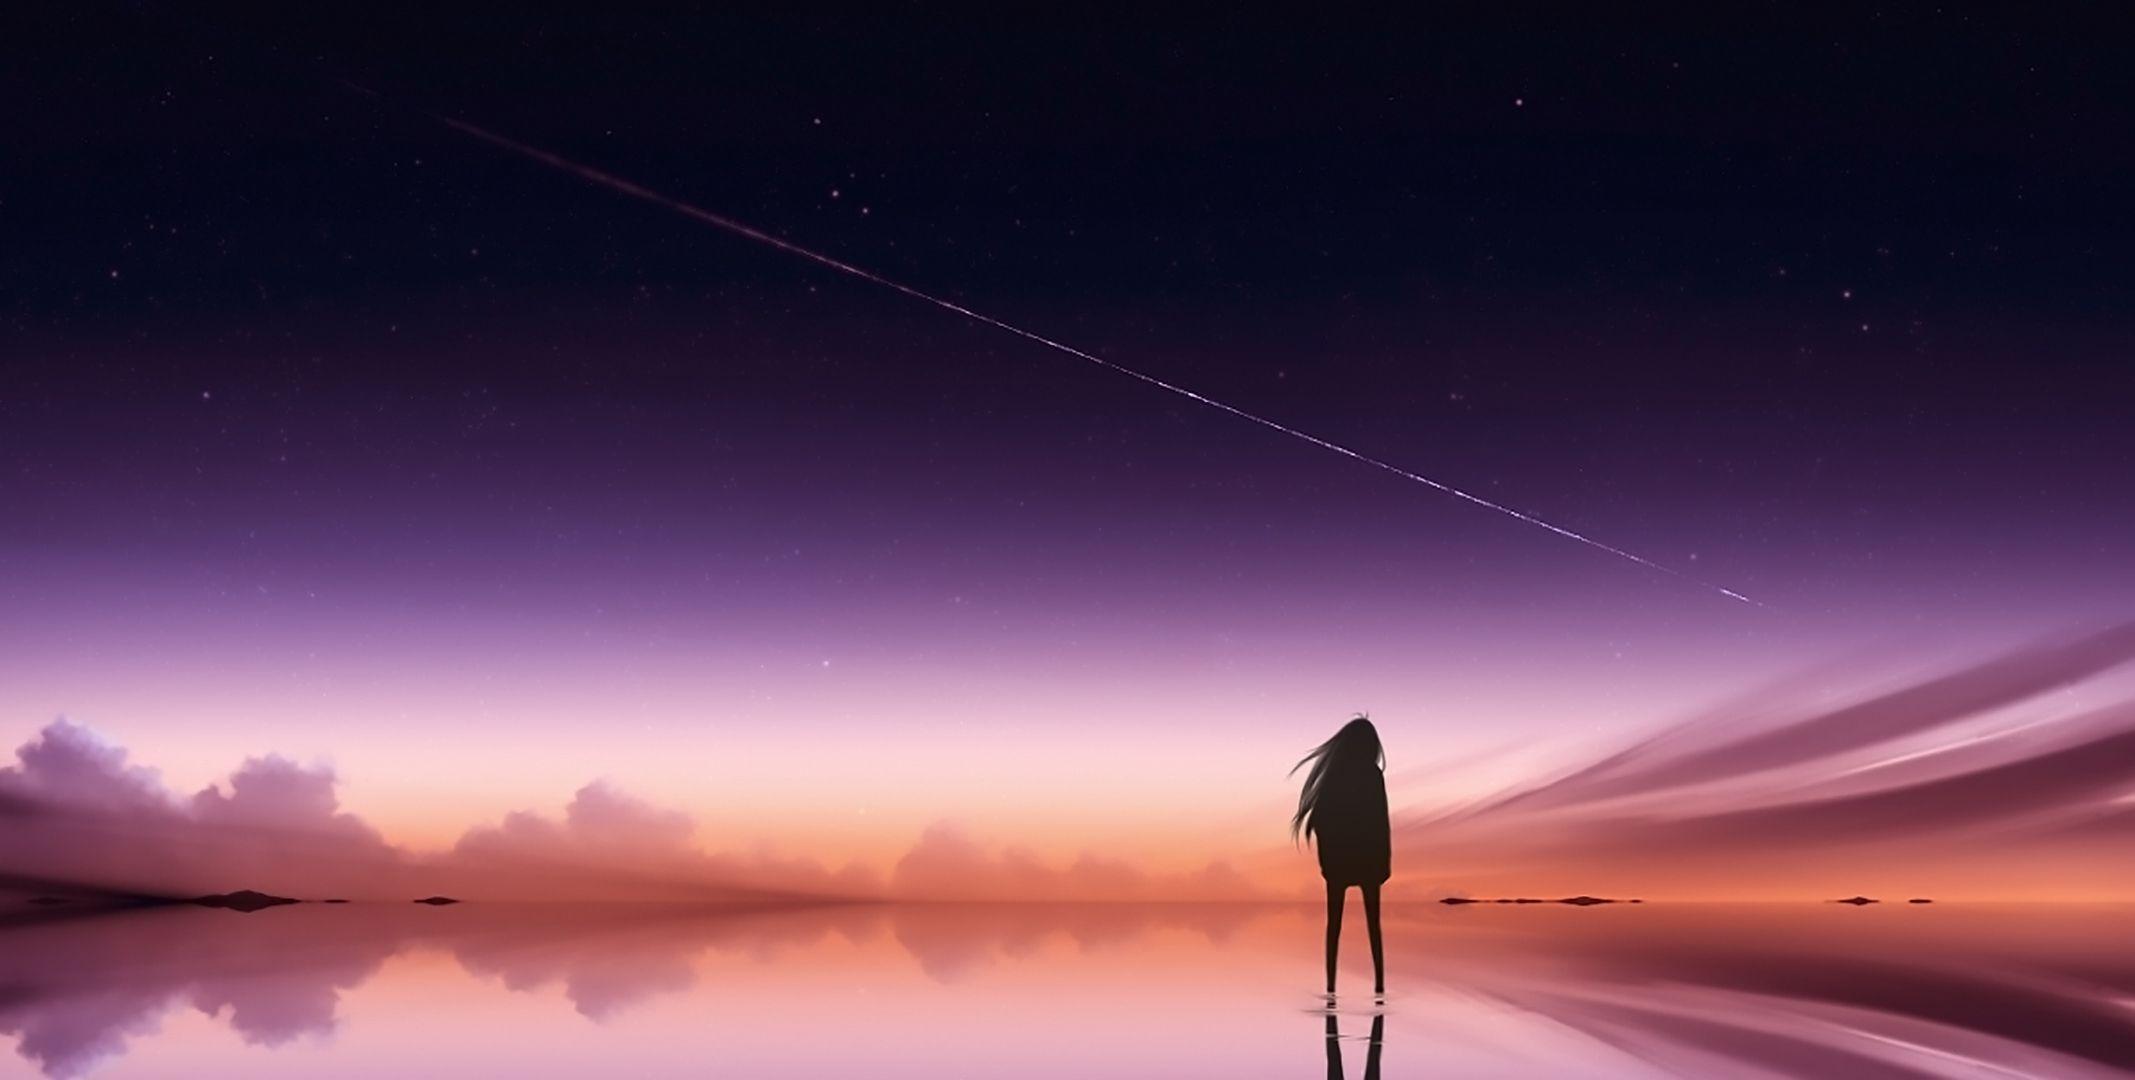 Bộ hình nền Anime buồn